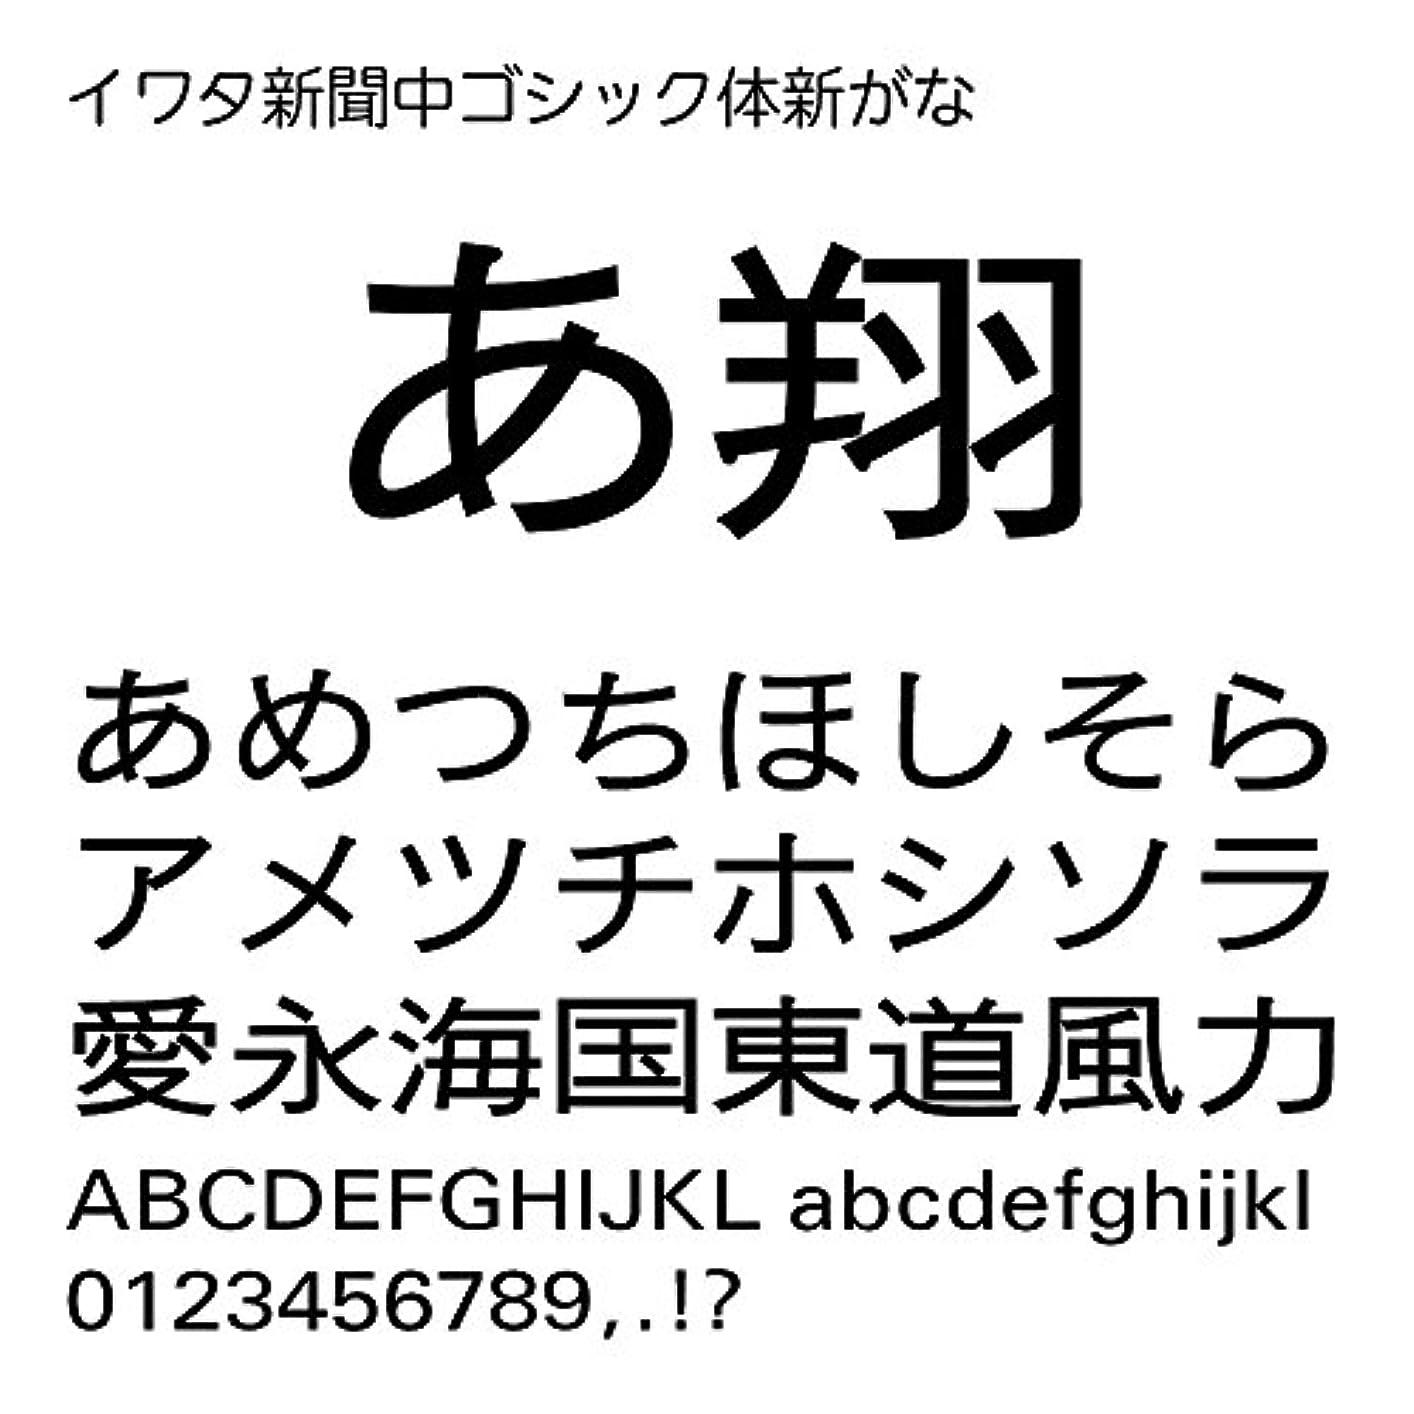 イワタ新聞中ゴシック体新がなPro OpenType Font for Windows [ダウンロード]